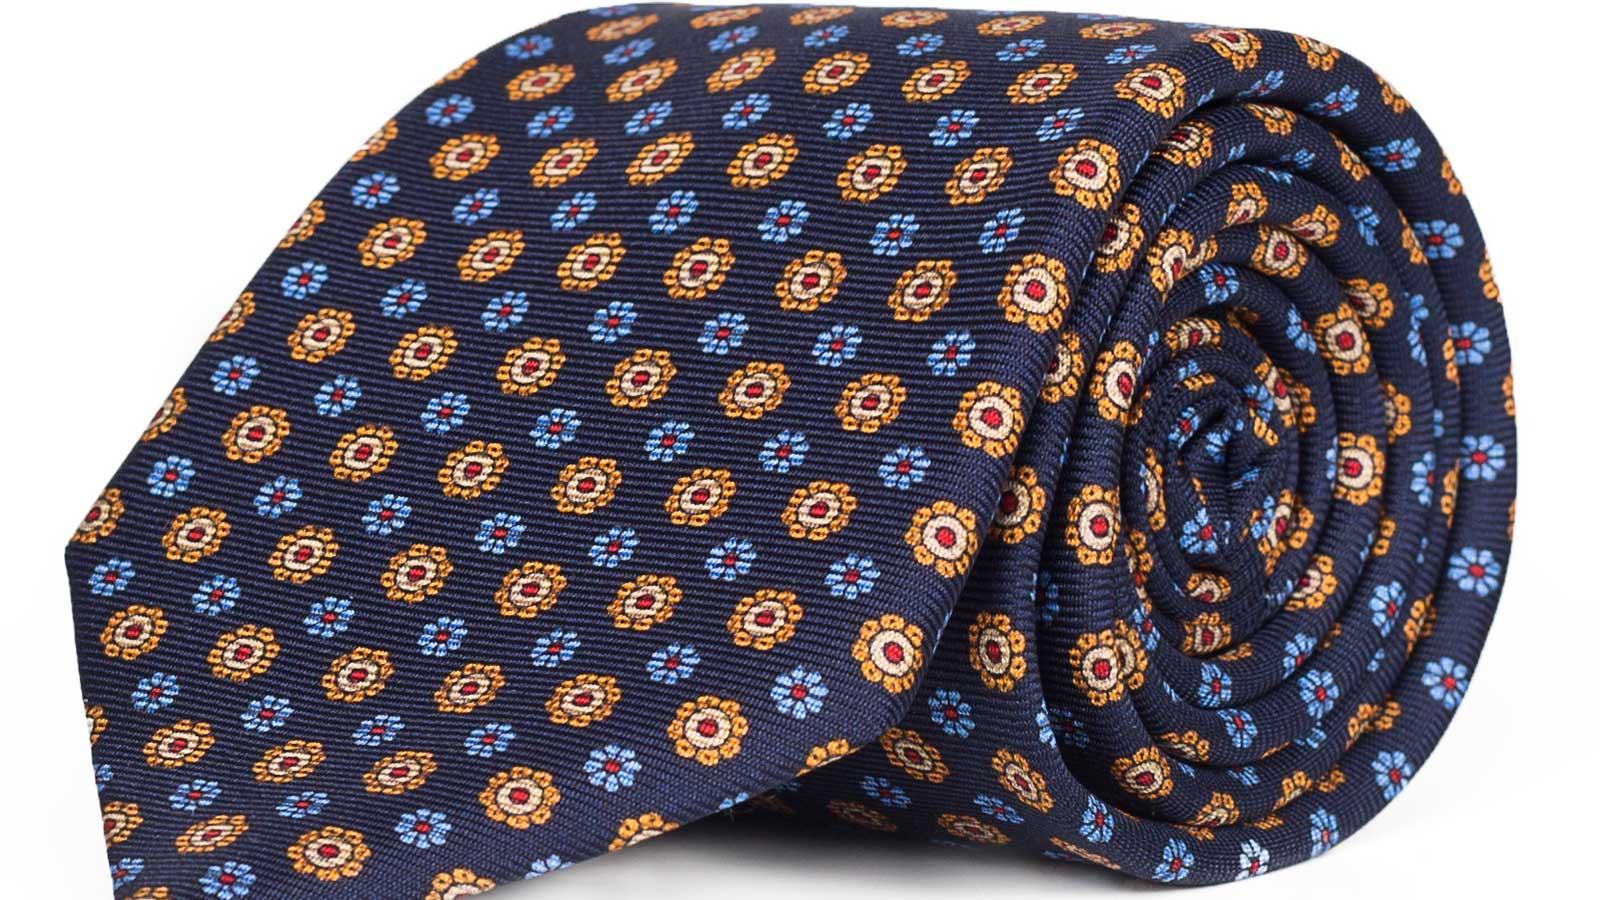 Blue & Gold Floral 28 Momme Silk Tie - slider image